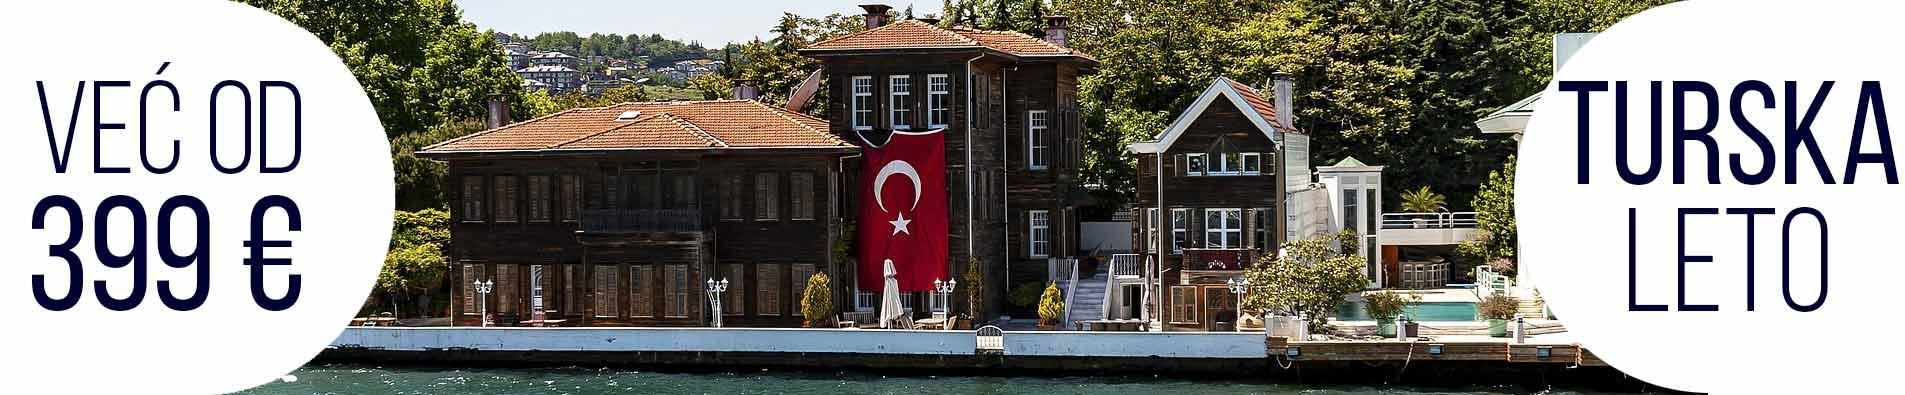 Turska letovanje 2019 naslovna nova